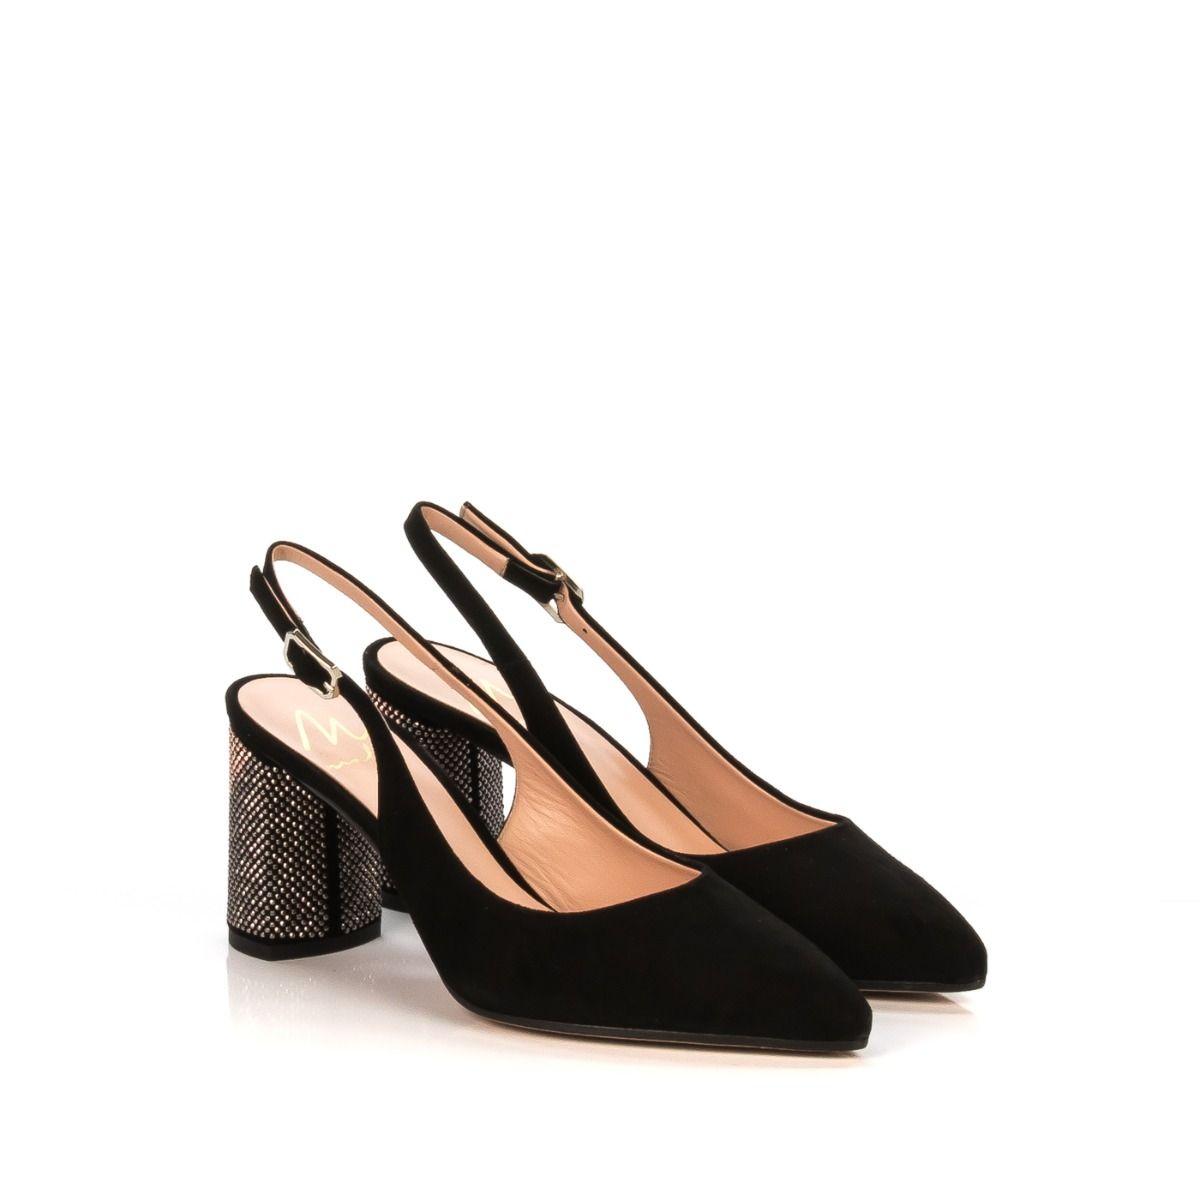 Chanel da donna con borchie in pelle nera tacco 5